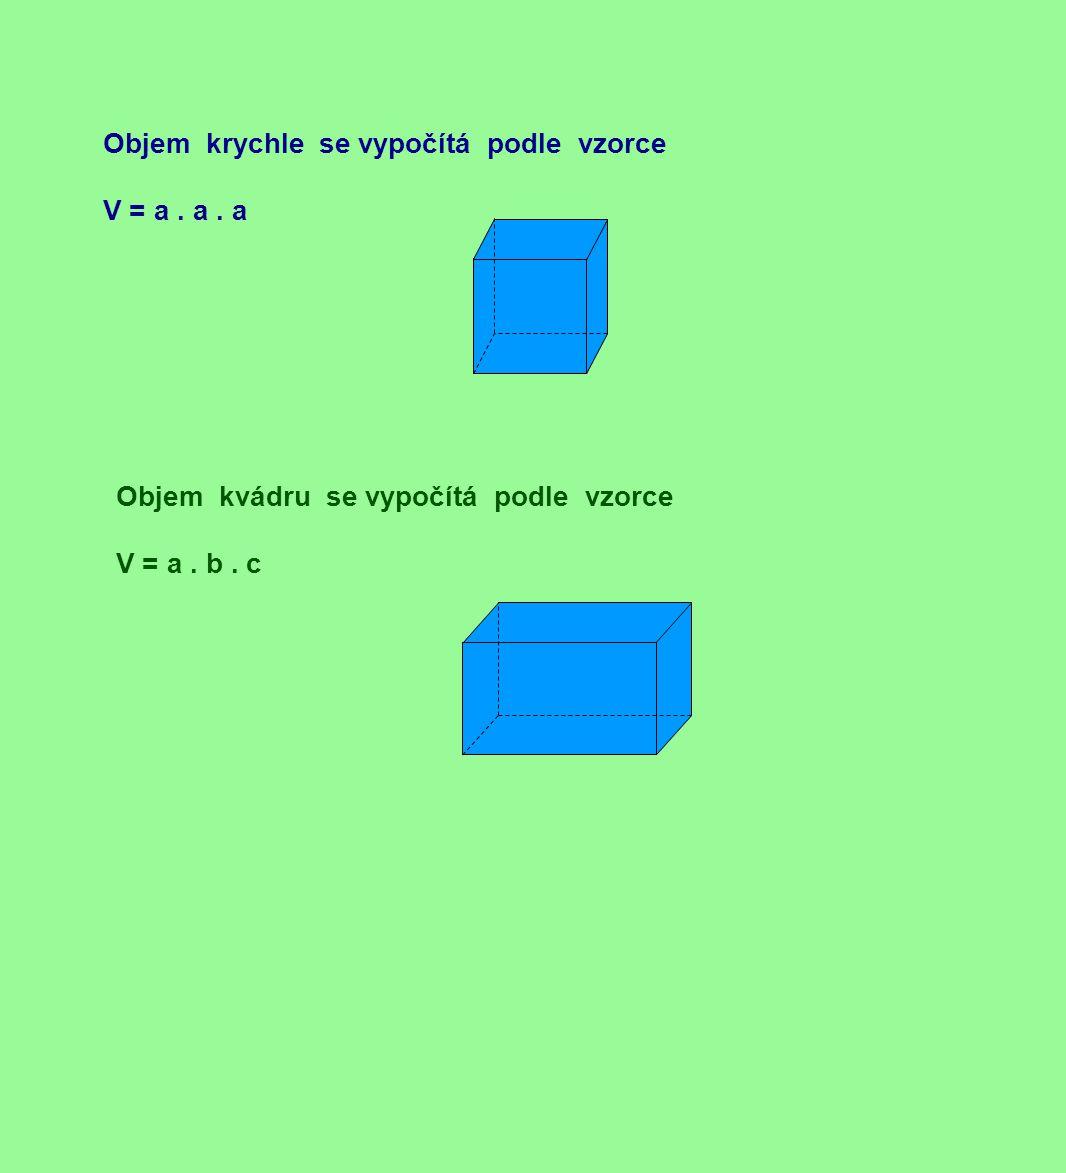 Objem krychle se vypočítá podle vzorce V = a. a. a Objem kvádru se vypočítá podle vzorce V = a. b. c